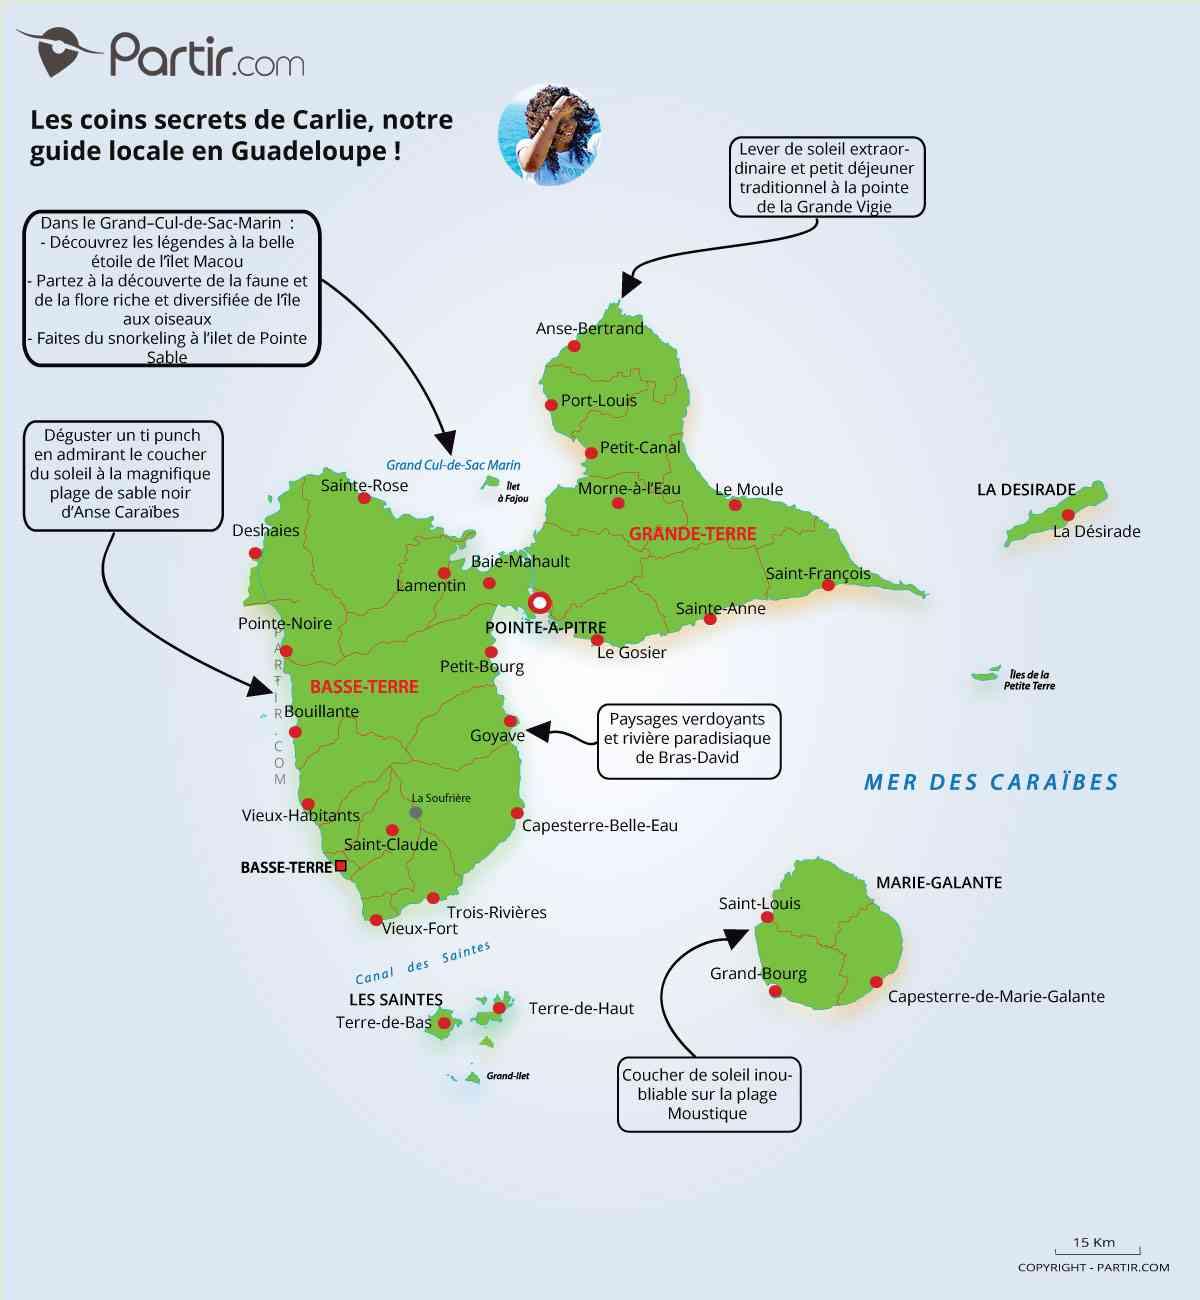 carte de guadeloupe ile ouest et est